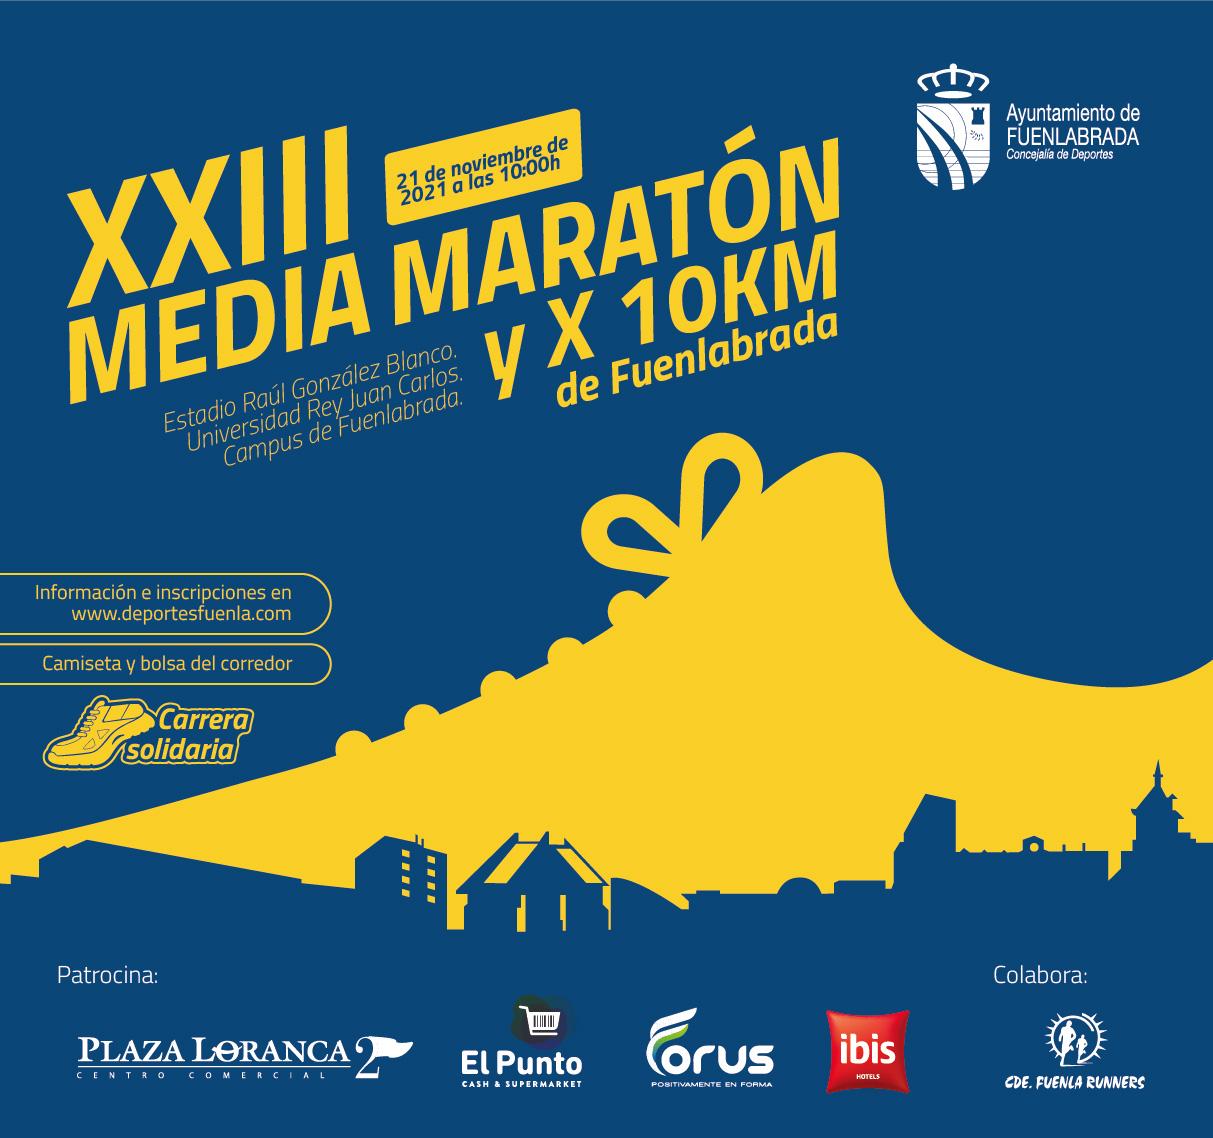 XXIII Media Maratón y 10 Km de Fuenlabrada